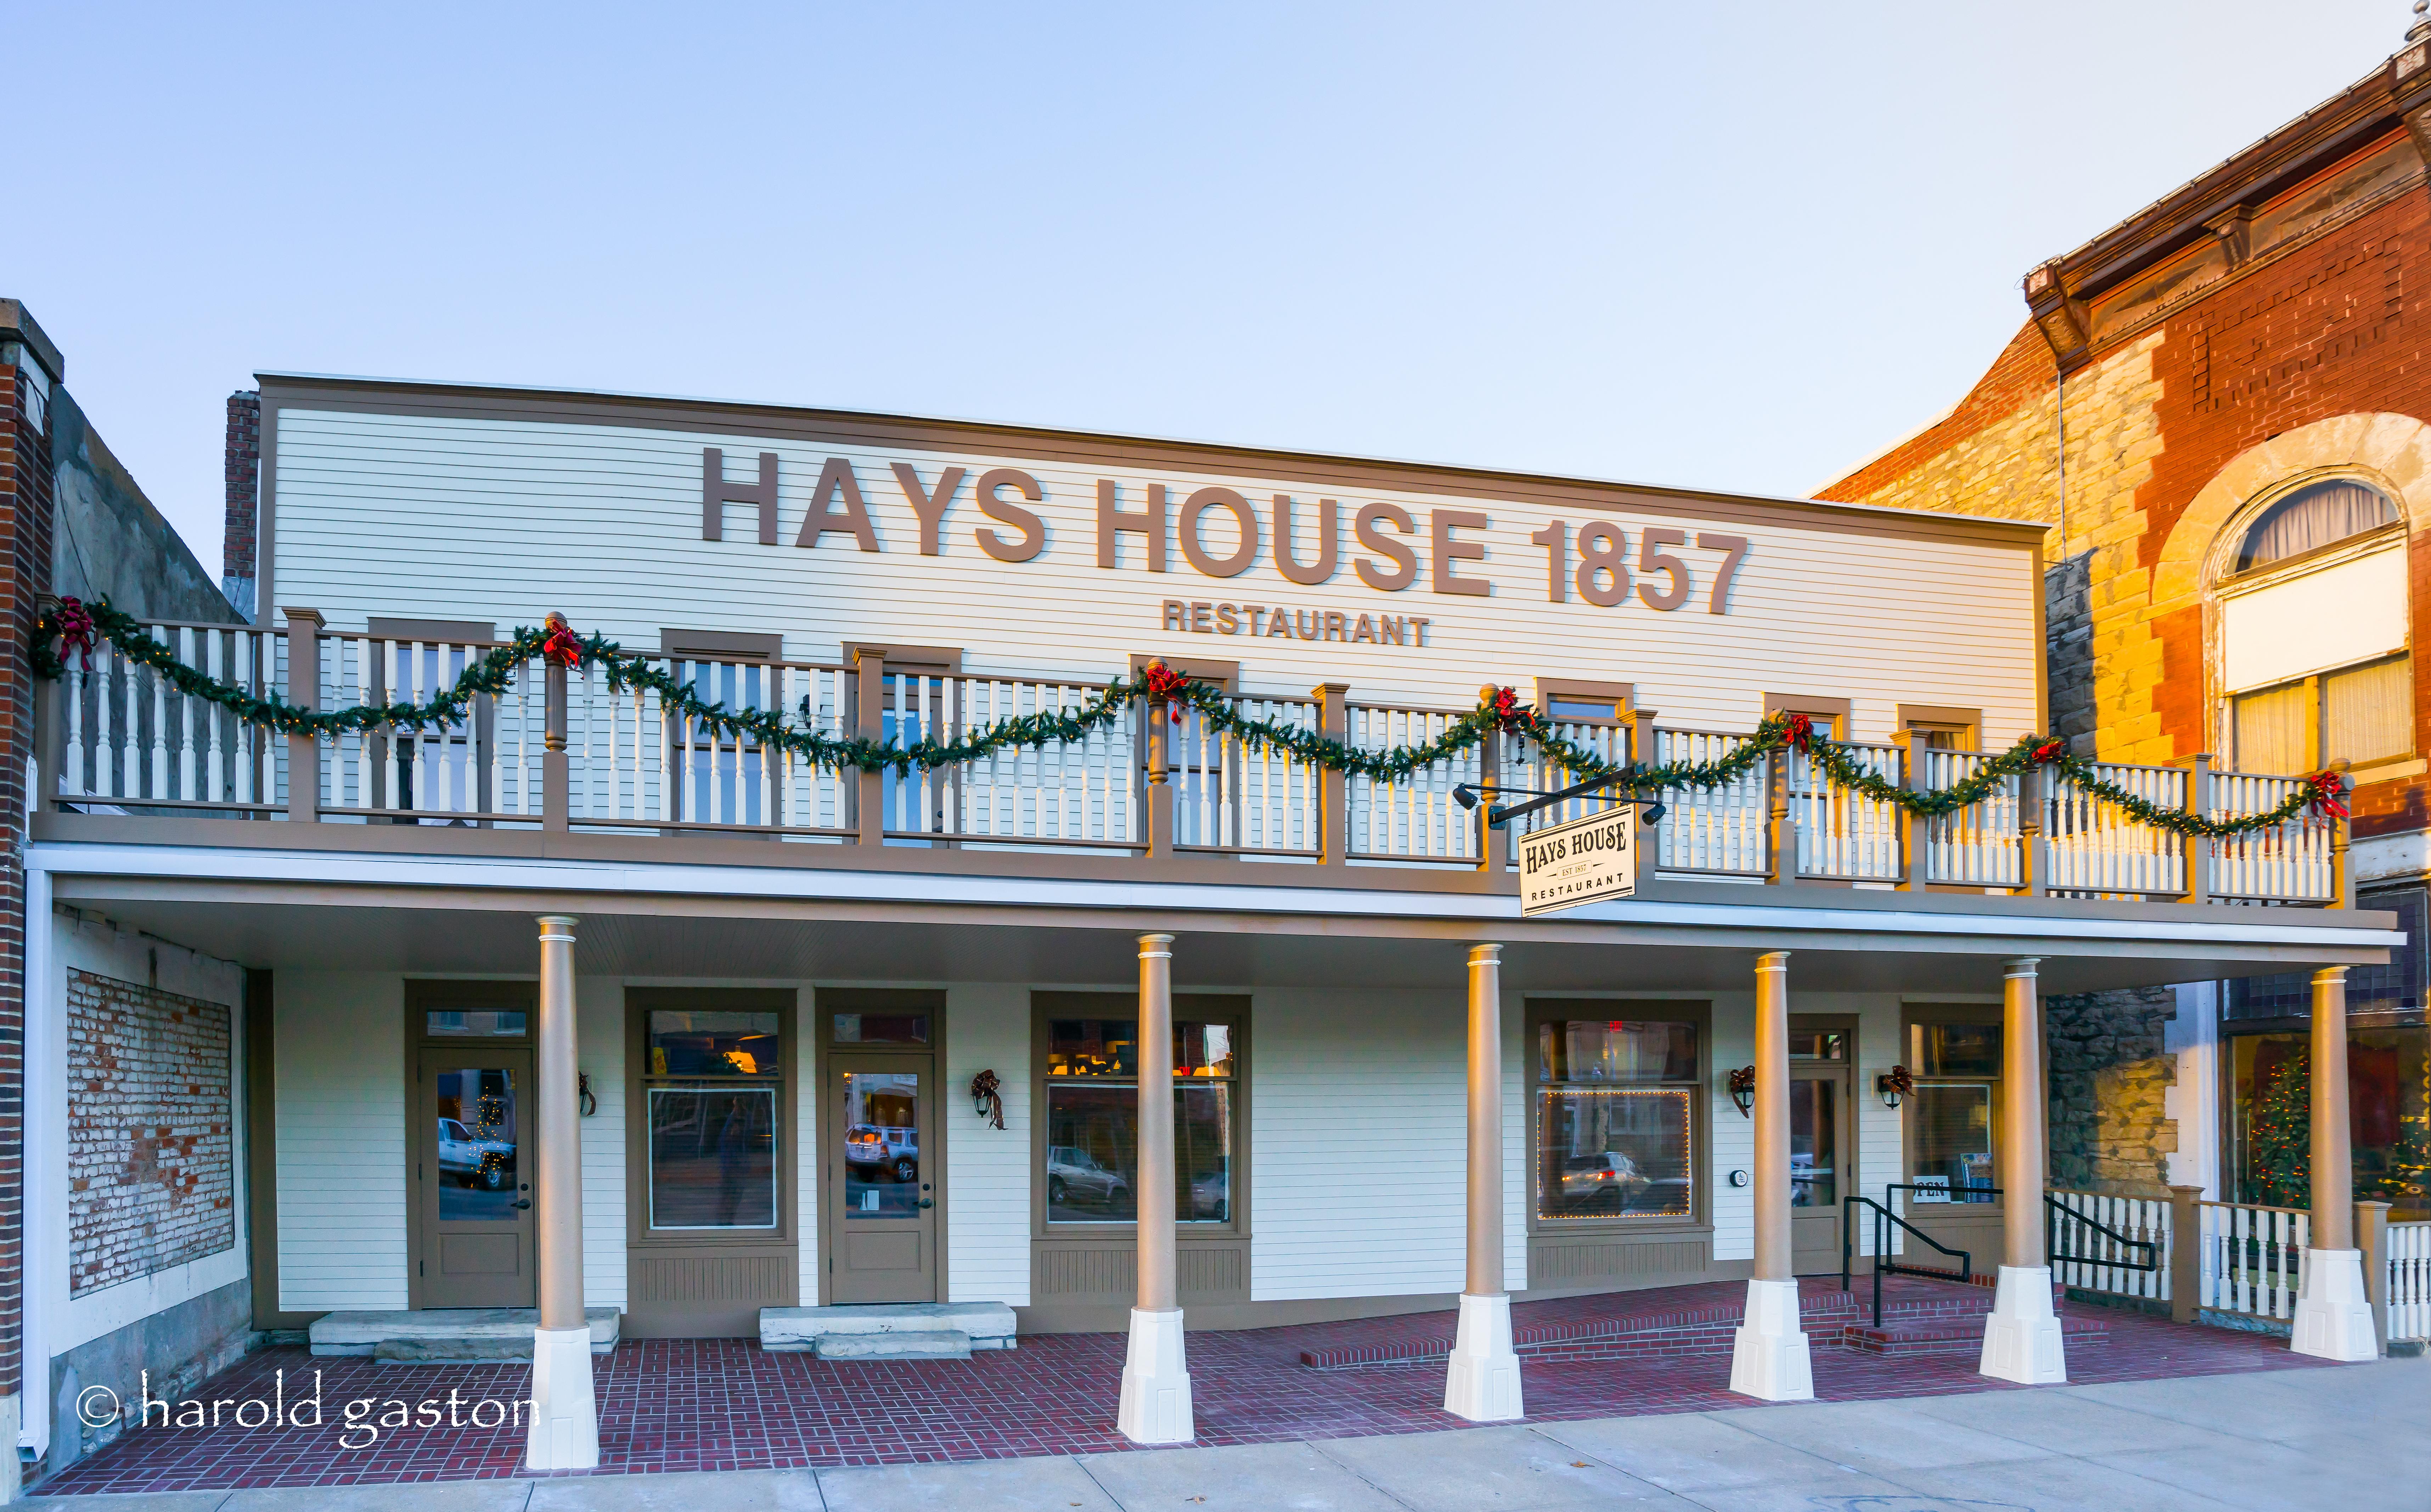 10. Hays House